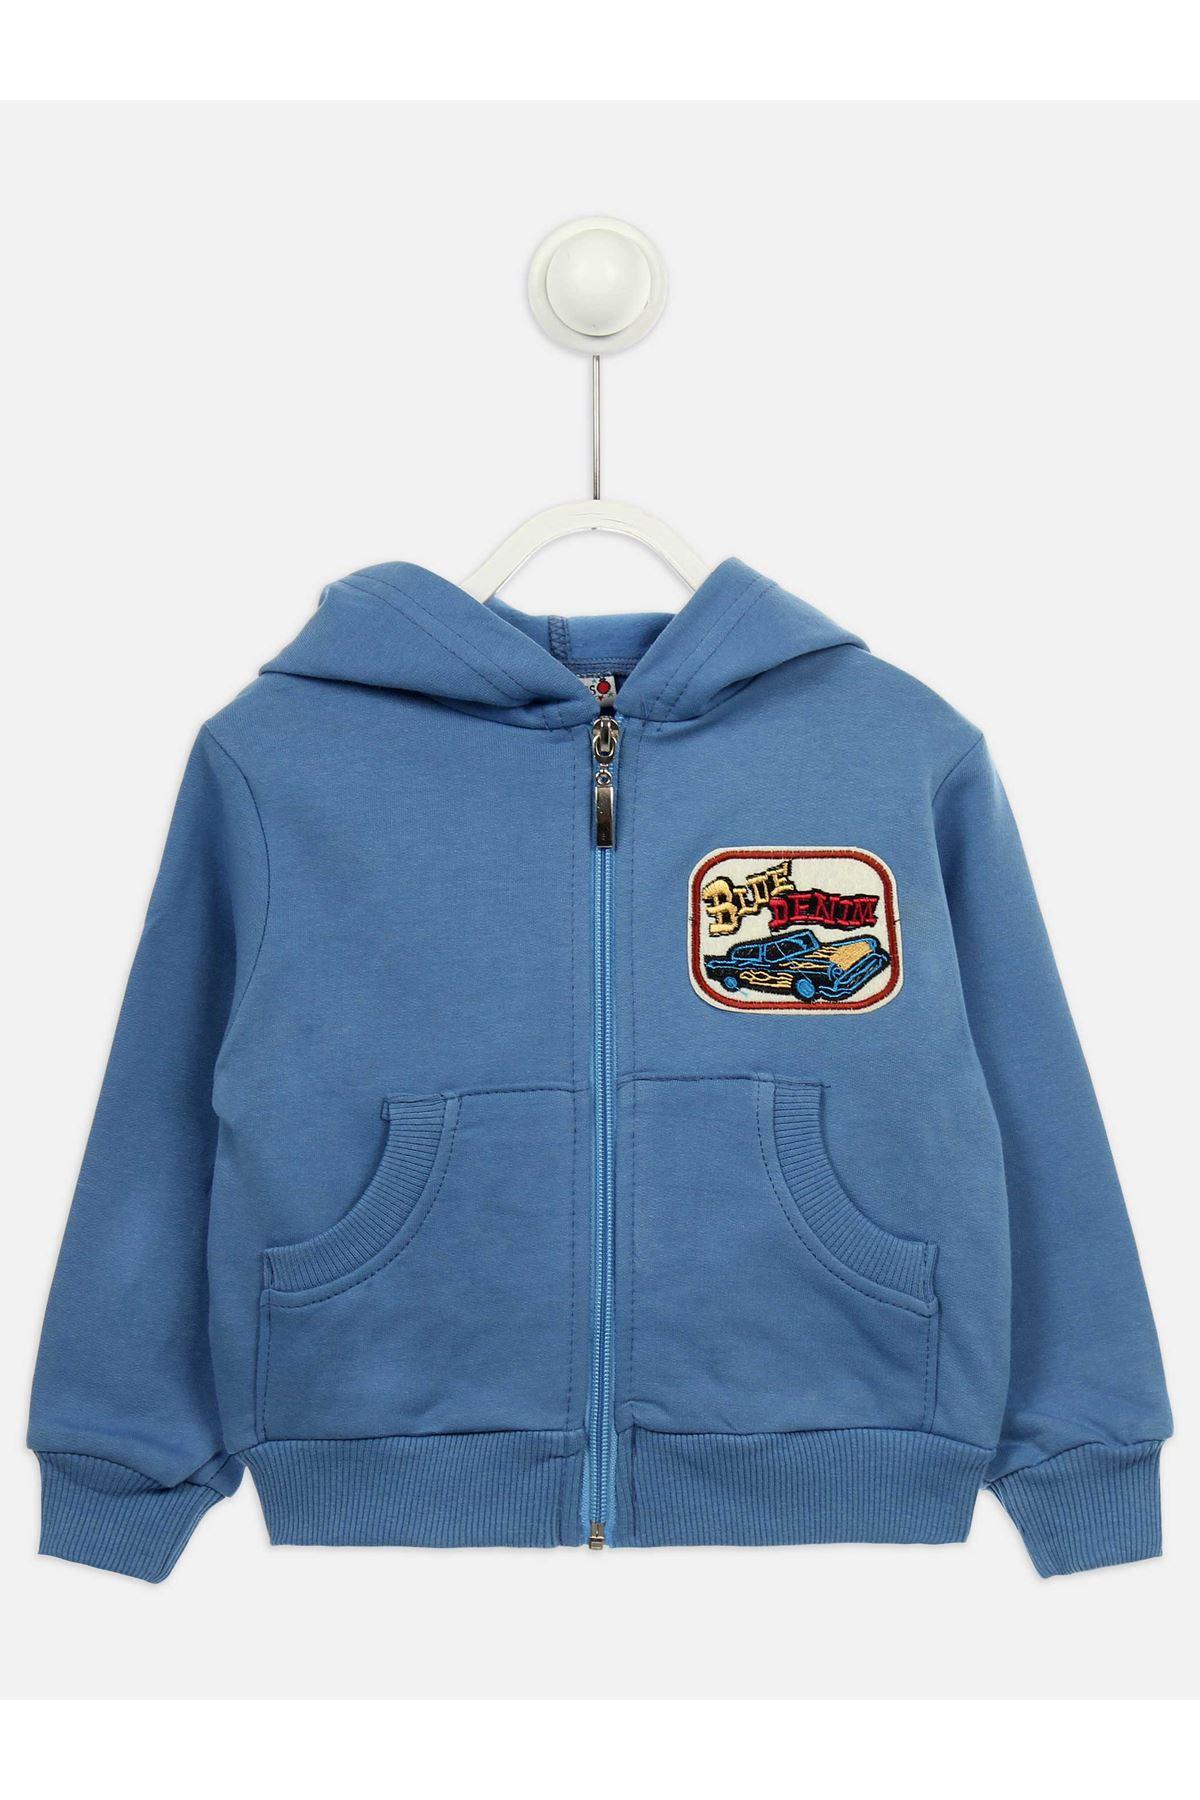 Açık Mavi Mevsimlik Erkek Çocuk Sweatshirt